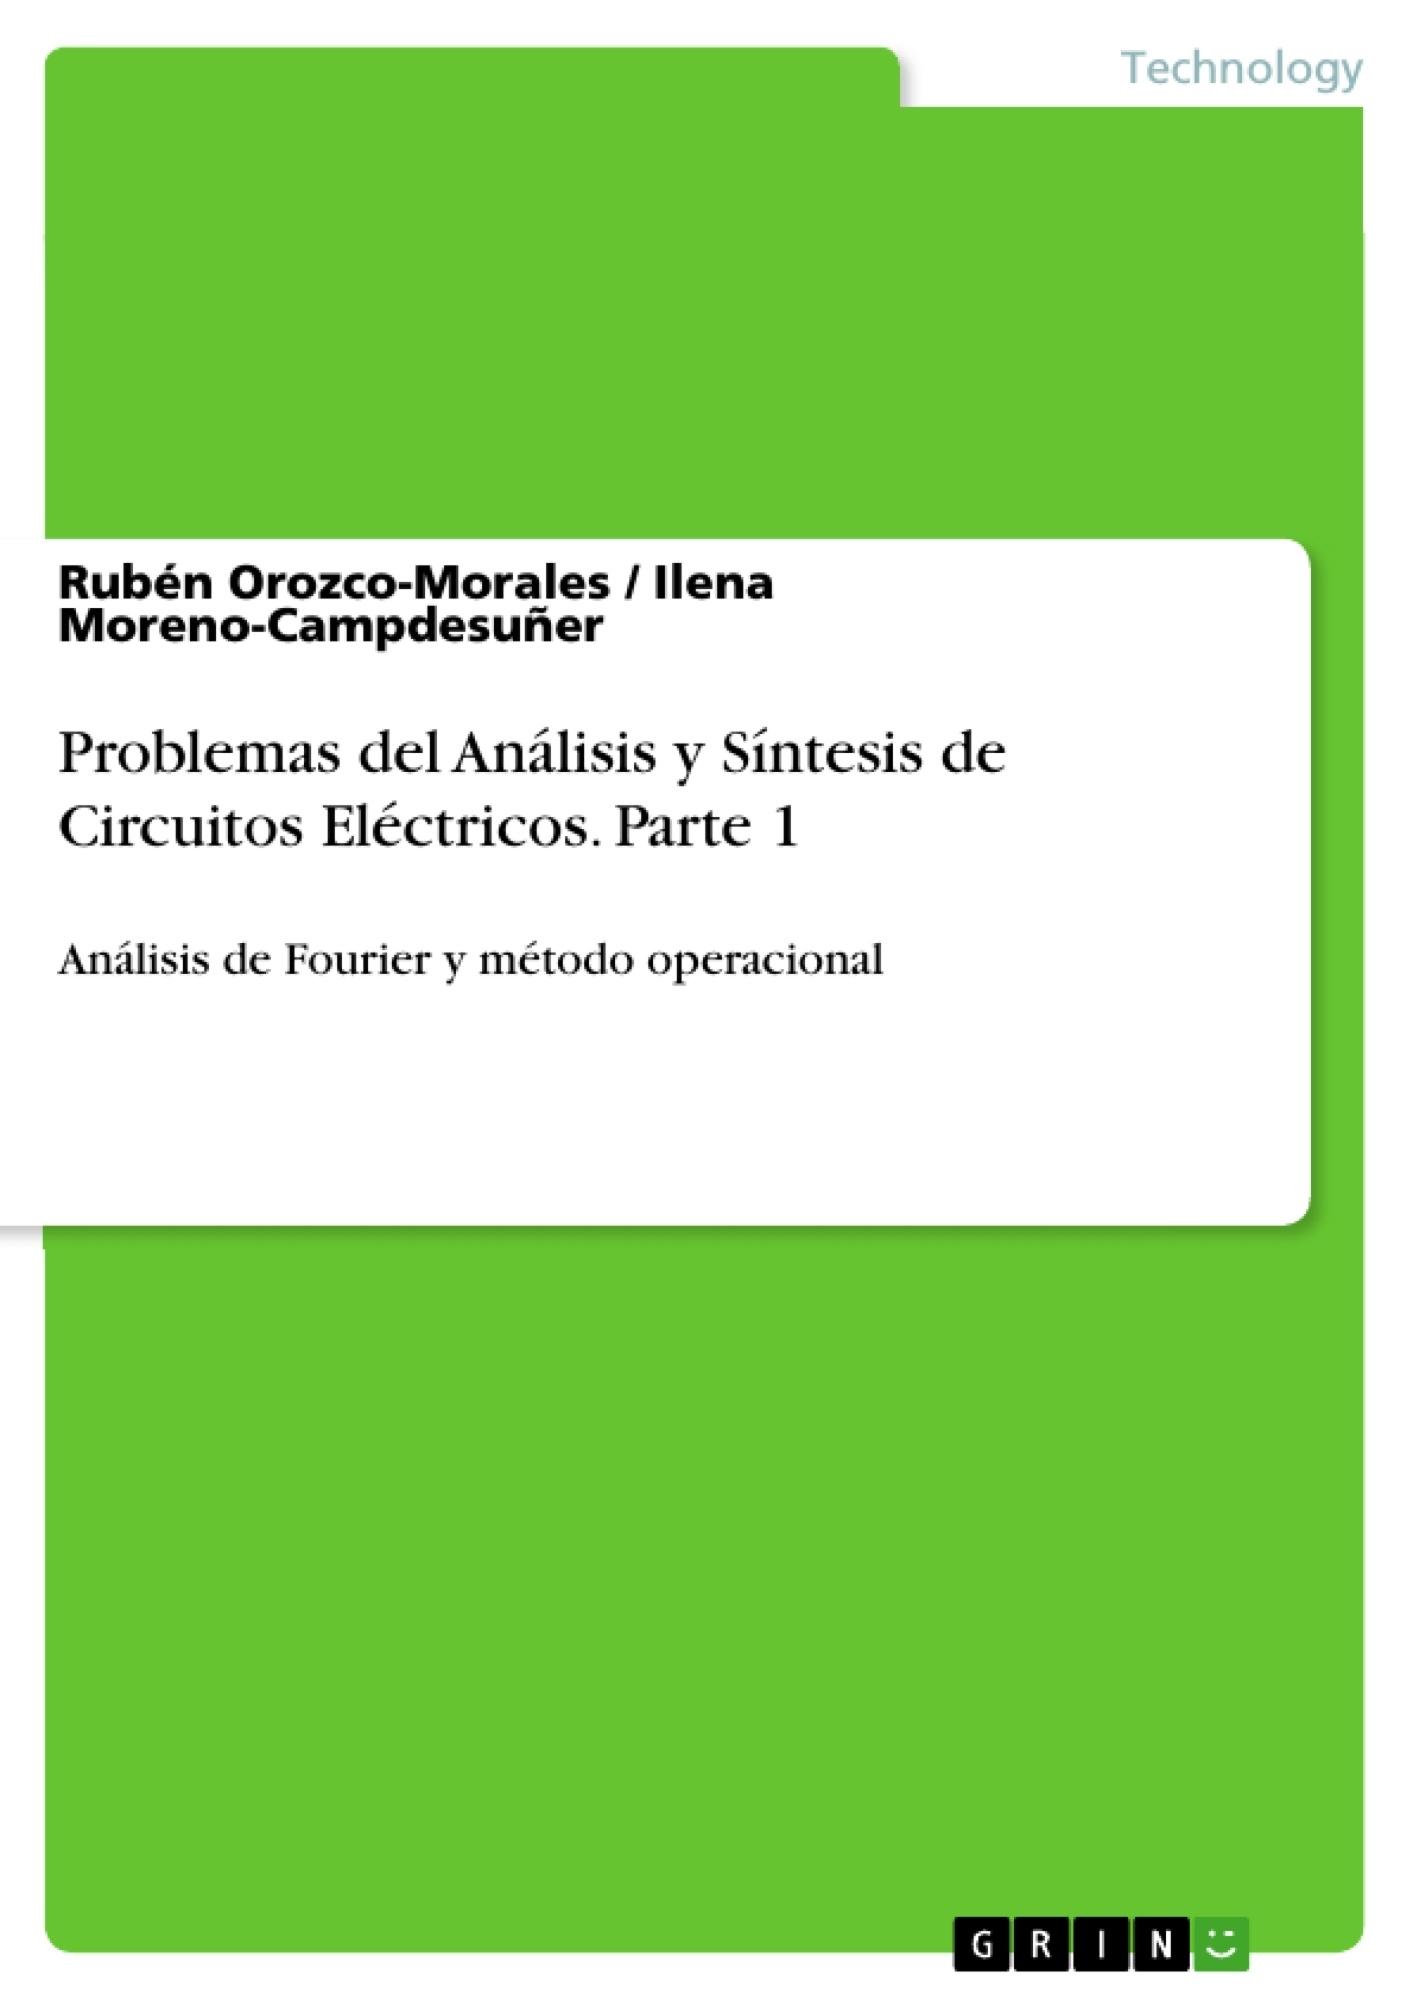 Título: Problemas del Análisis y Síntesis de Circuitos Eléctricos. Parte 1